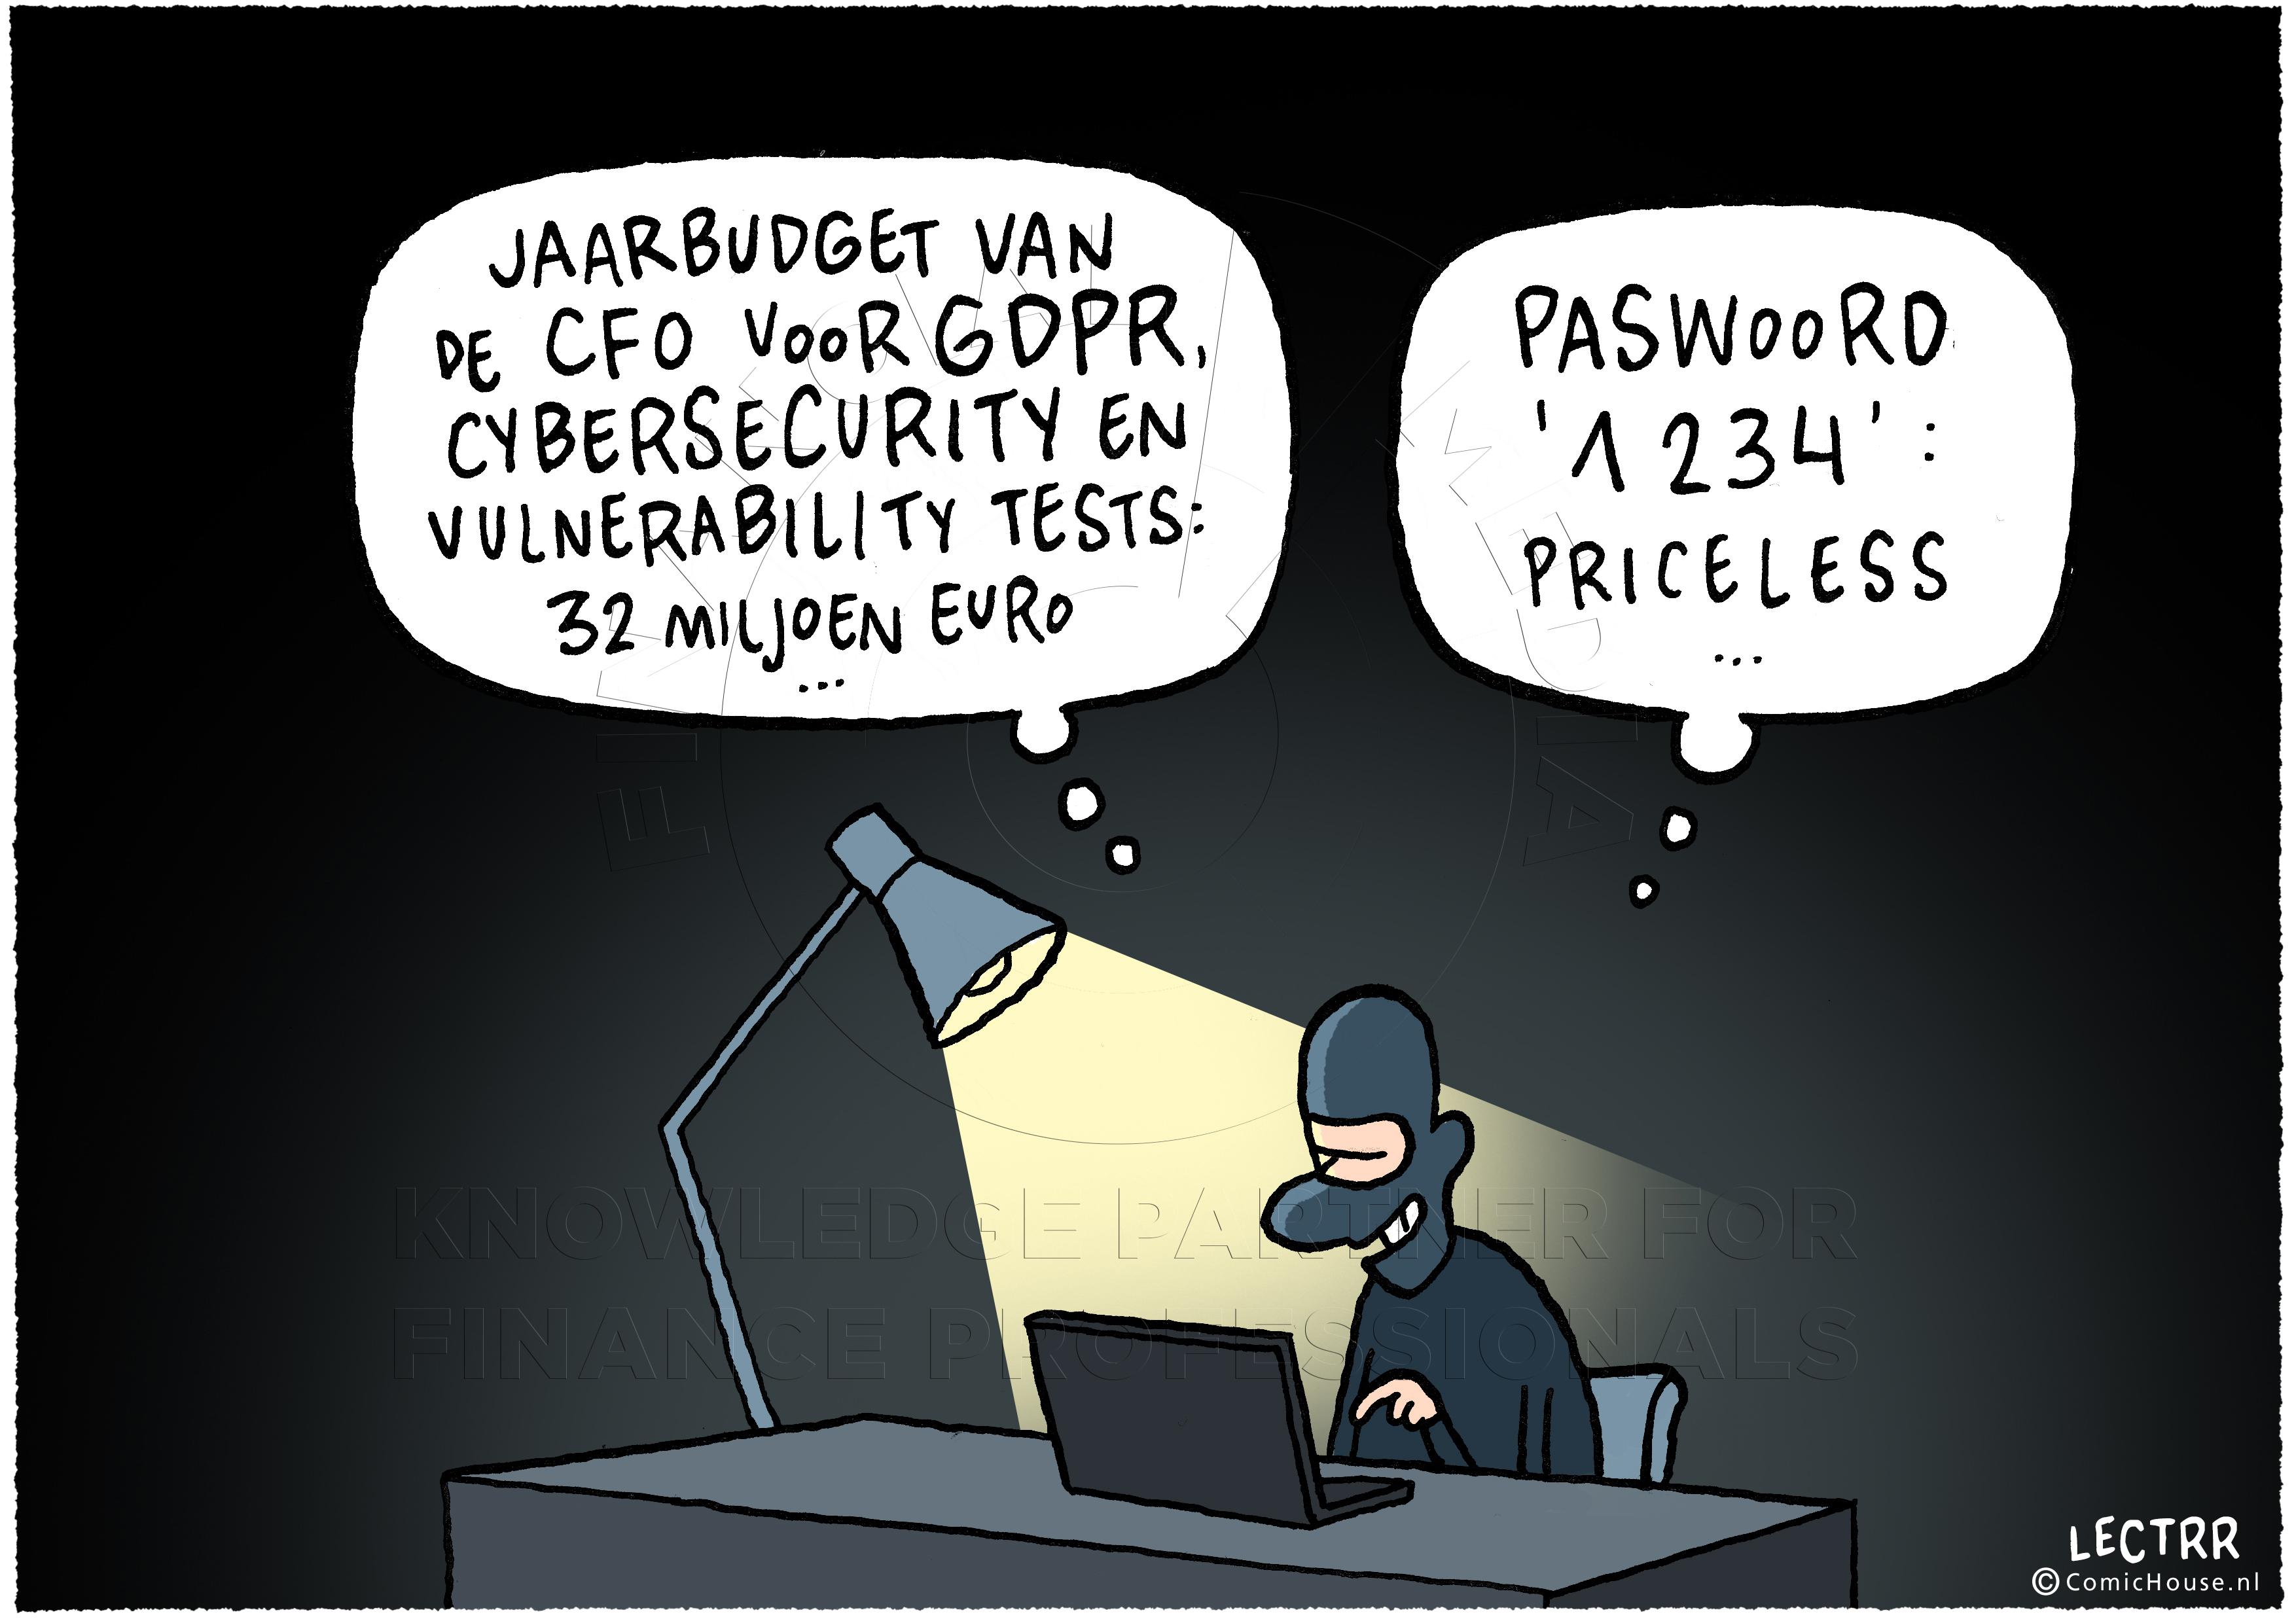 Cyberveiligheid